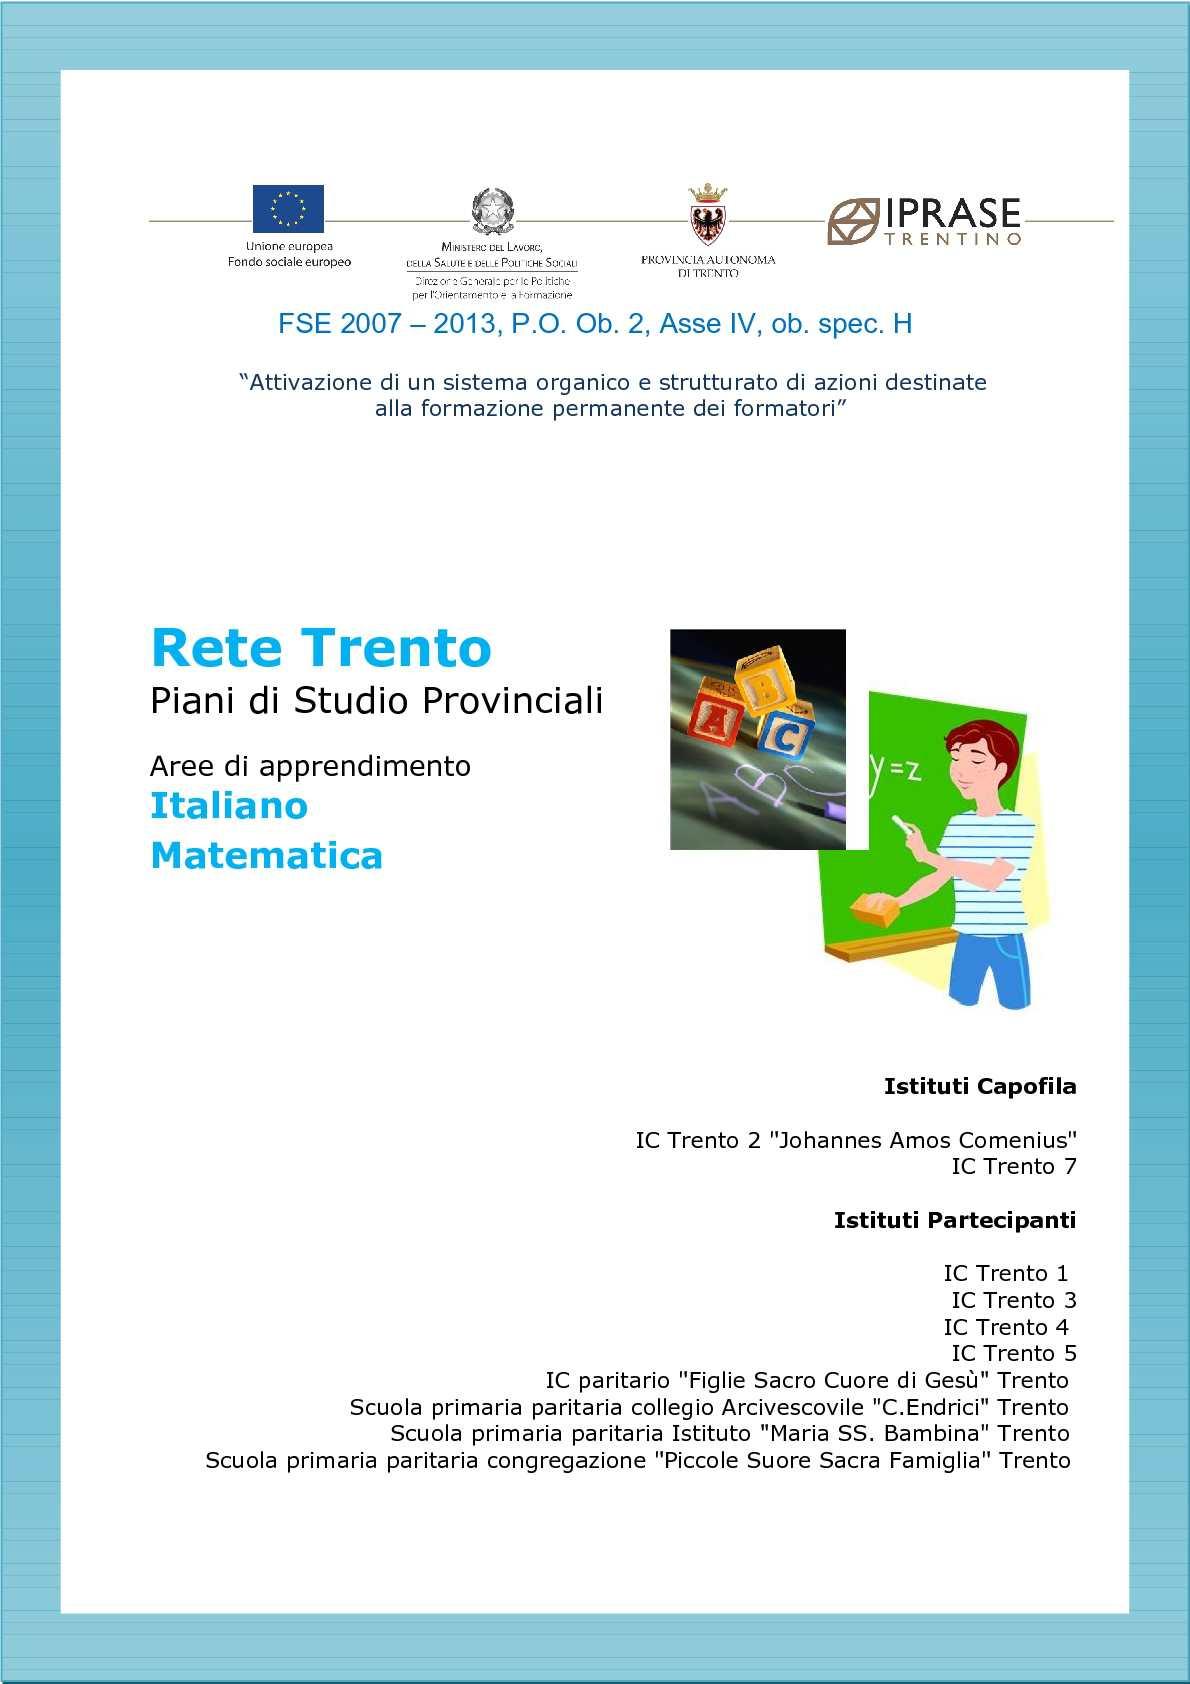 rete trento - italiano e matematica